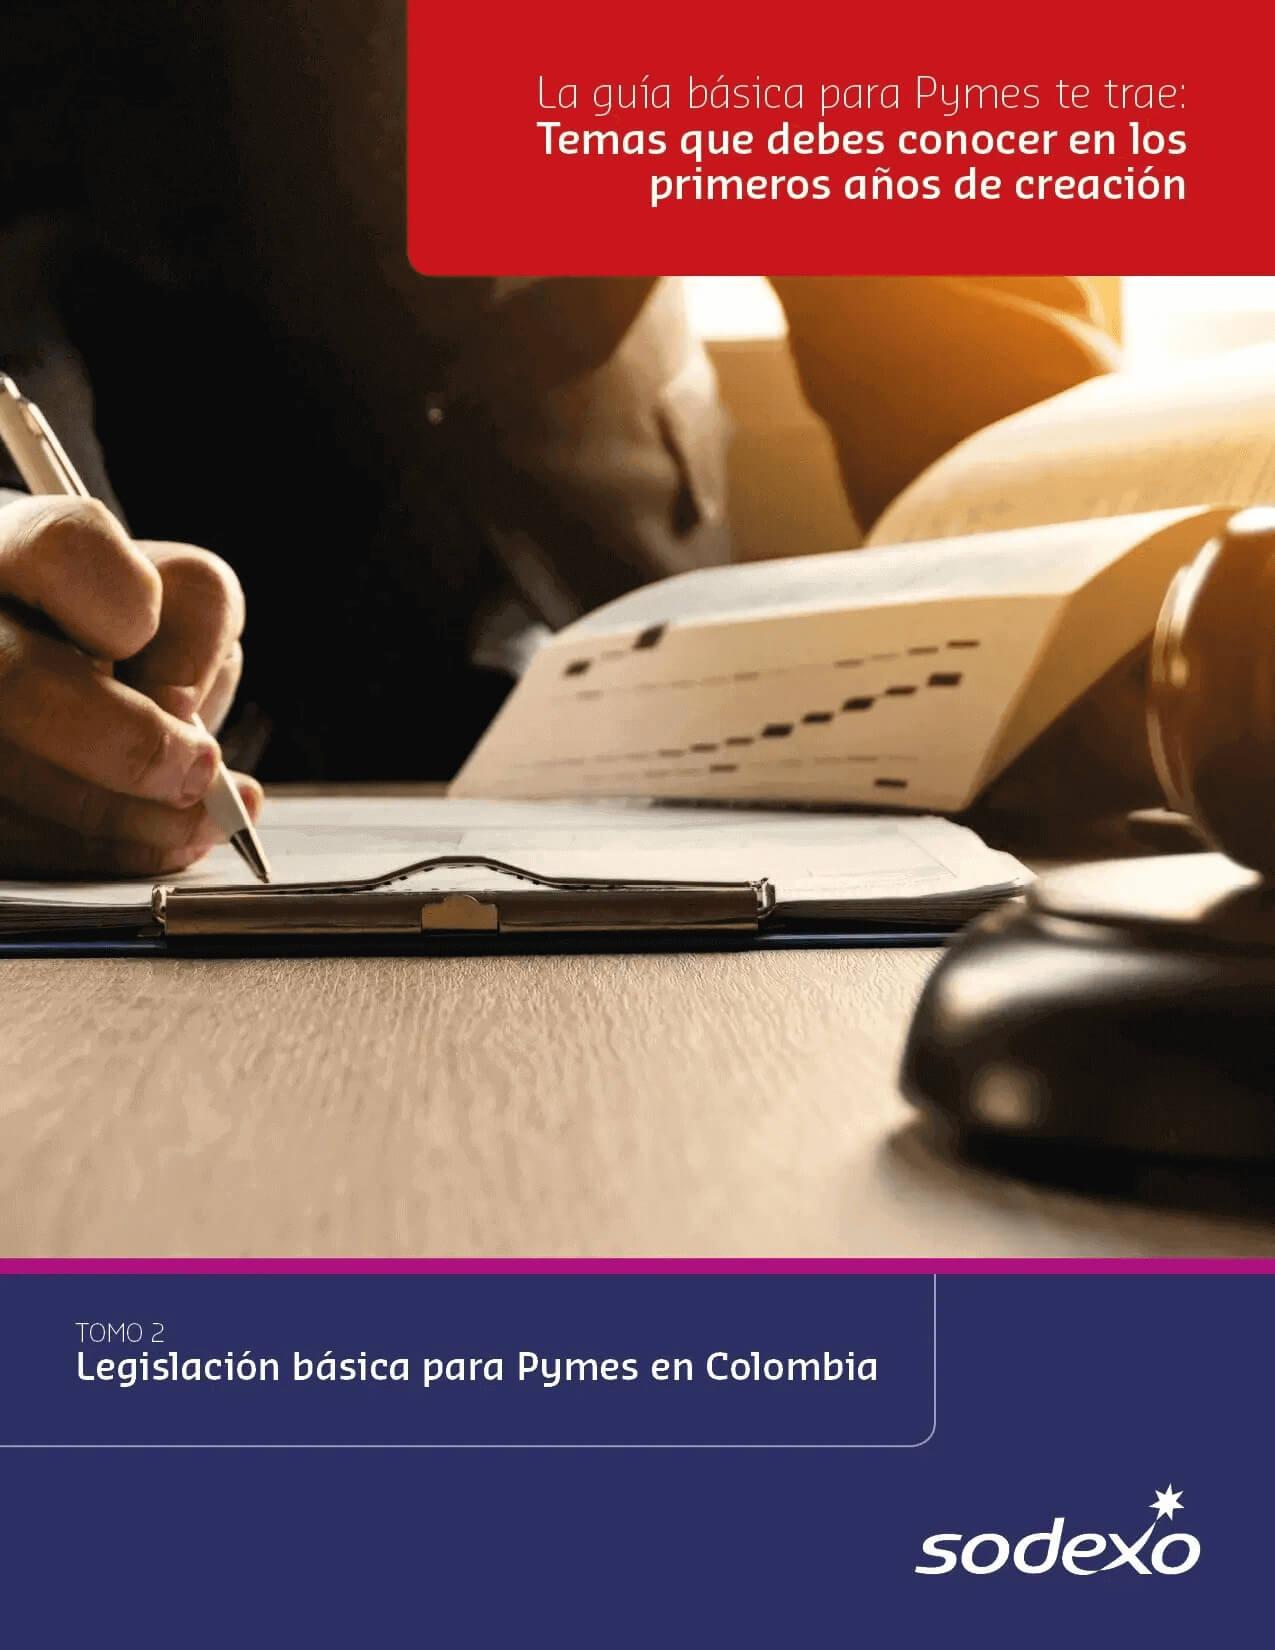 Legislación básica para Pymes en Colombia